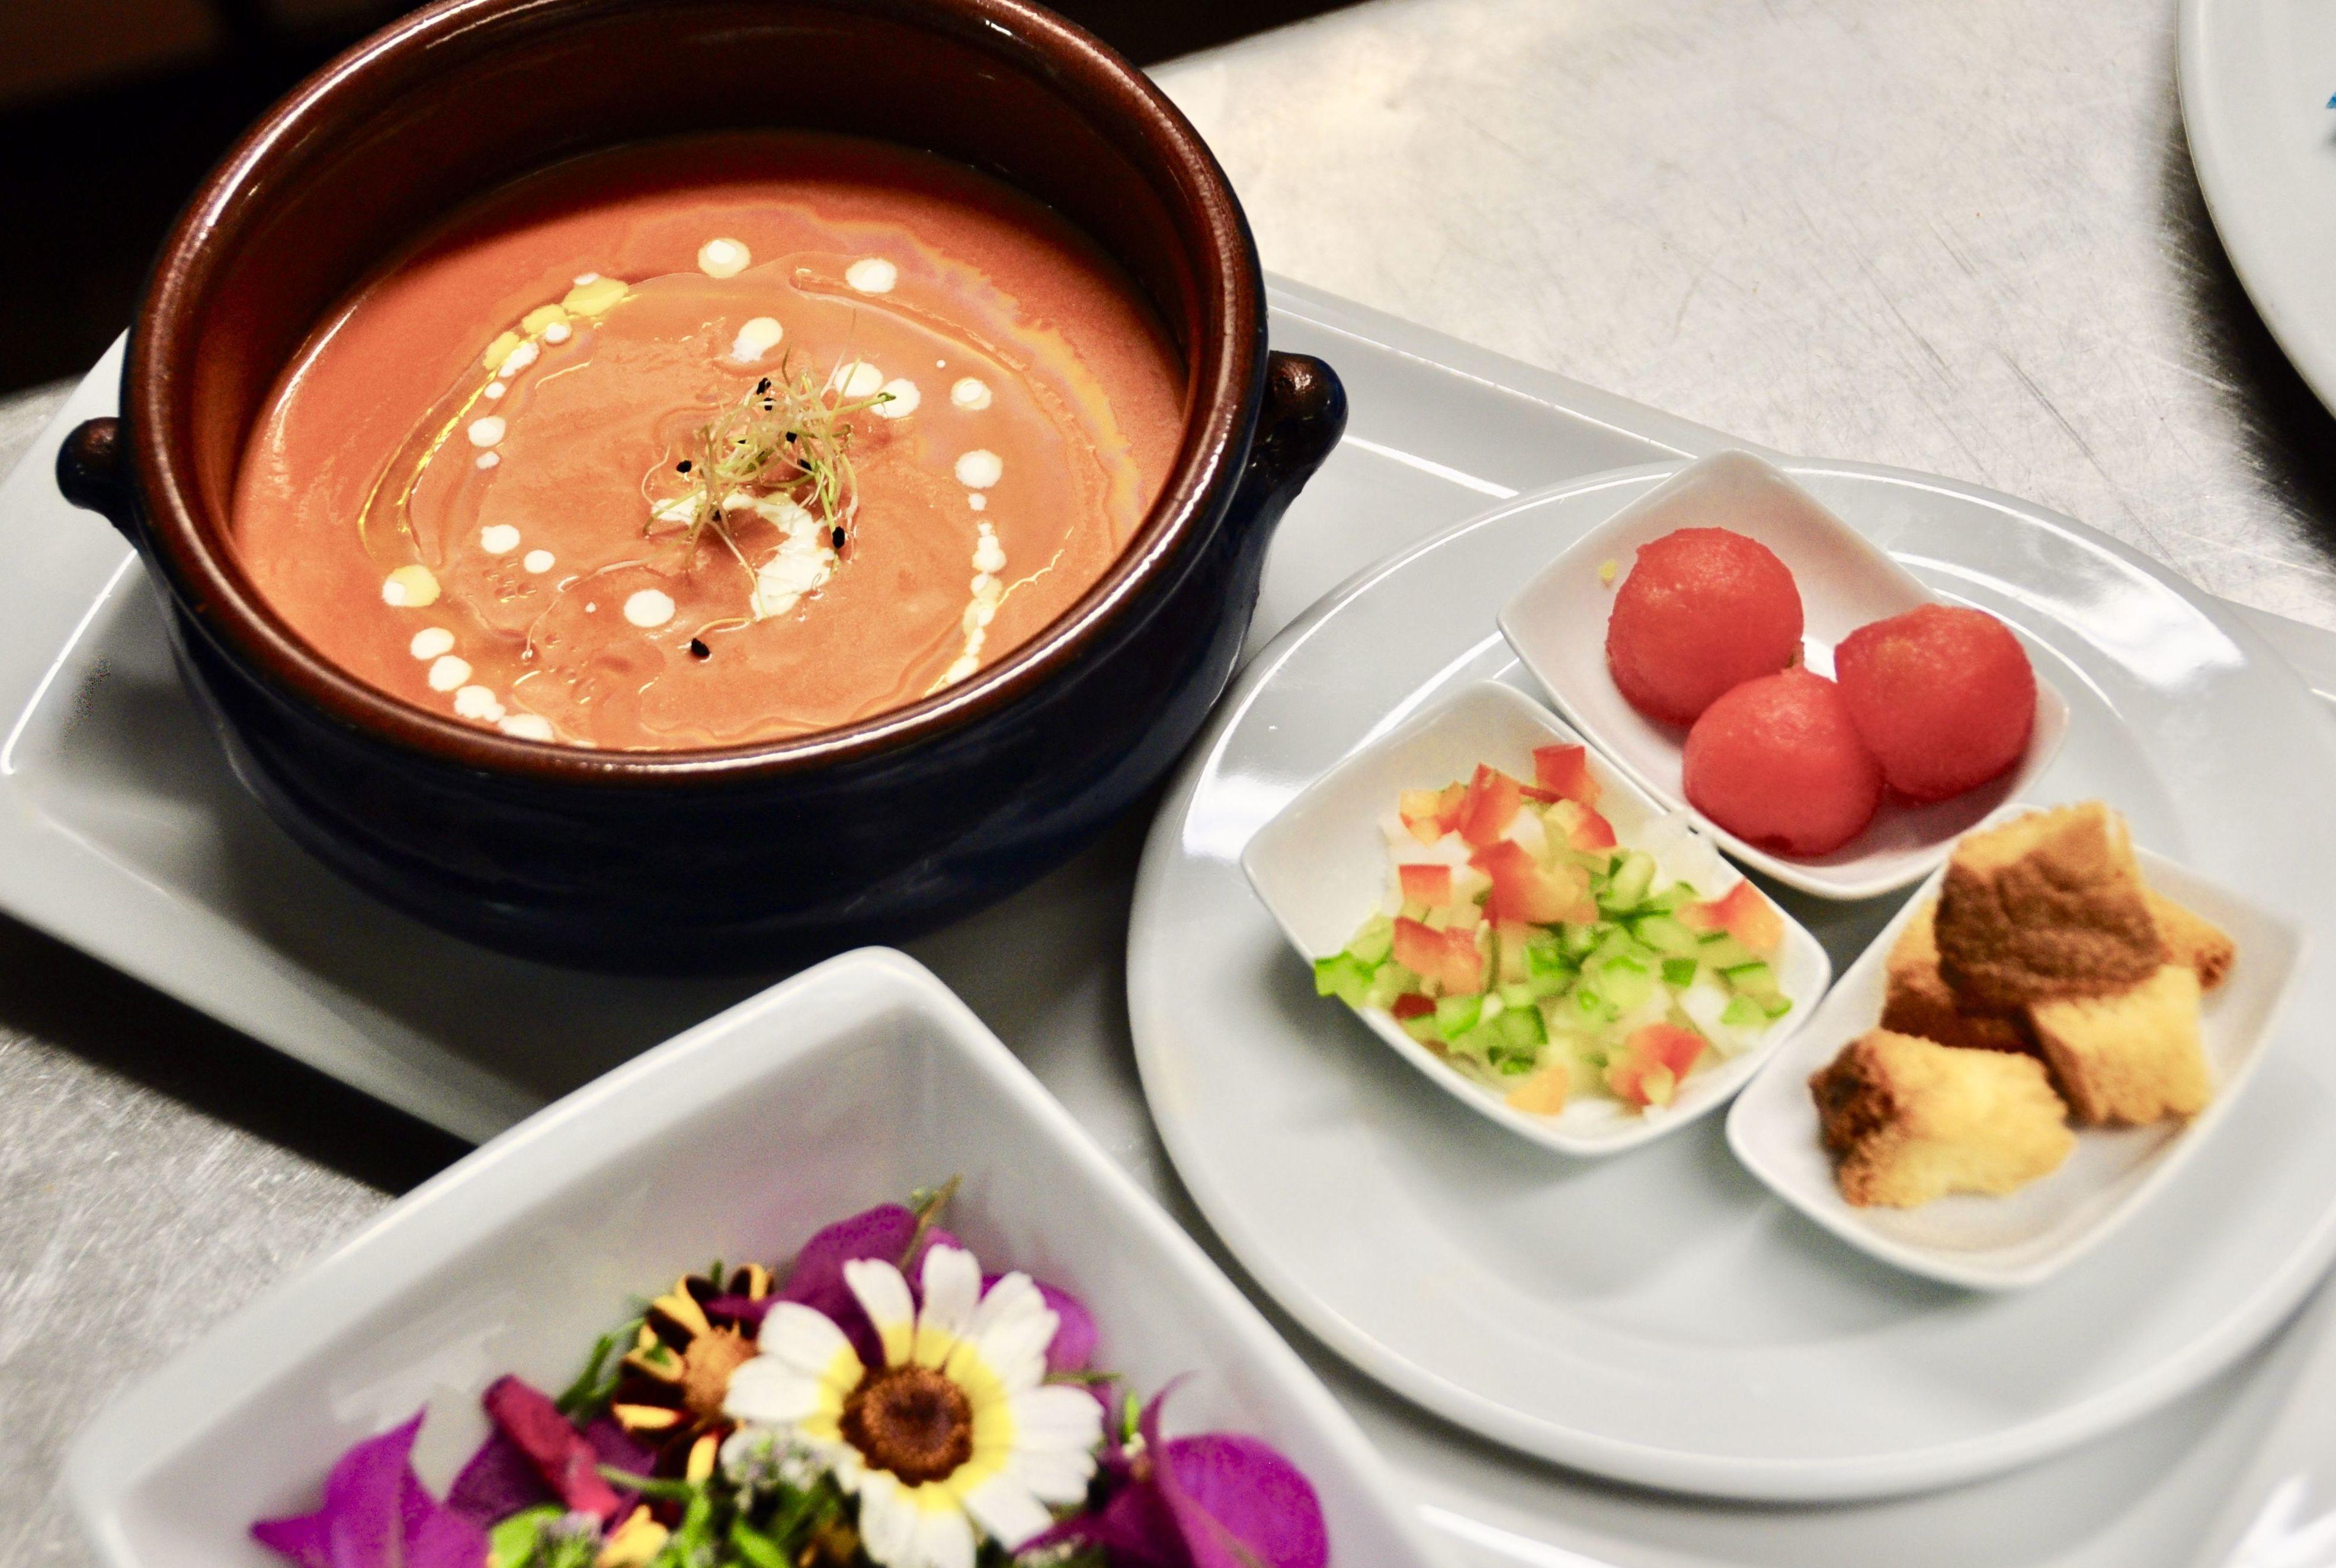 Gazpacho a nuestro estilo con picadillo de verduras y sandía.